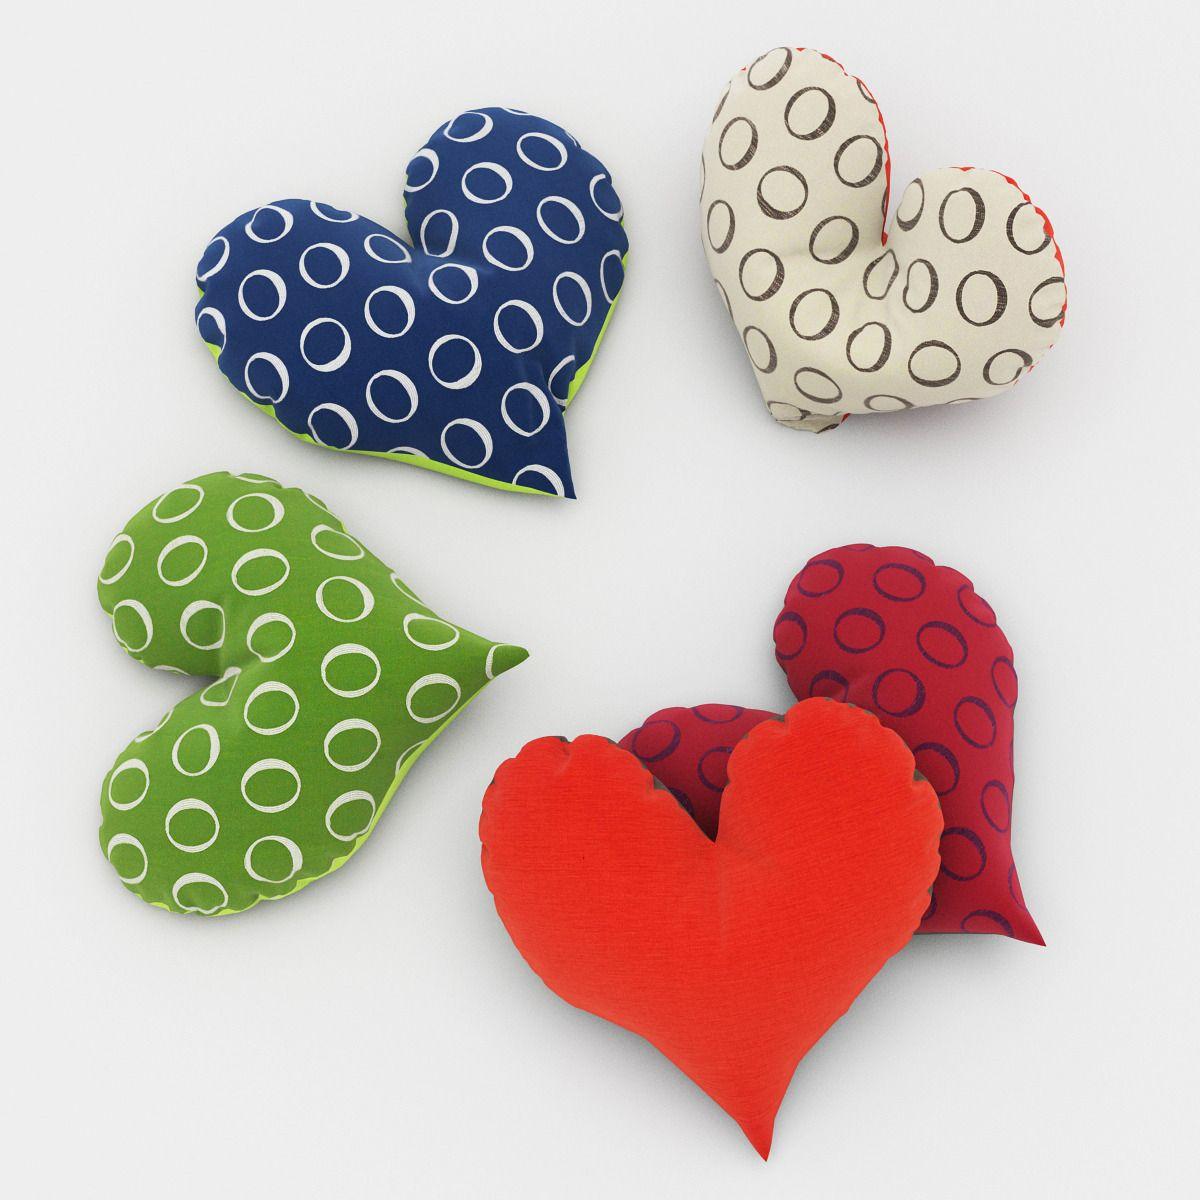 Pillows Heart Buy pillows, Pillows, Brochure template layout